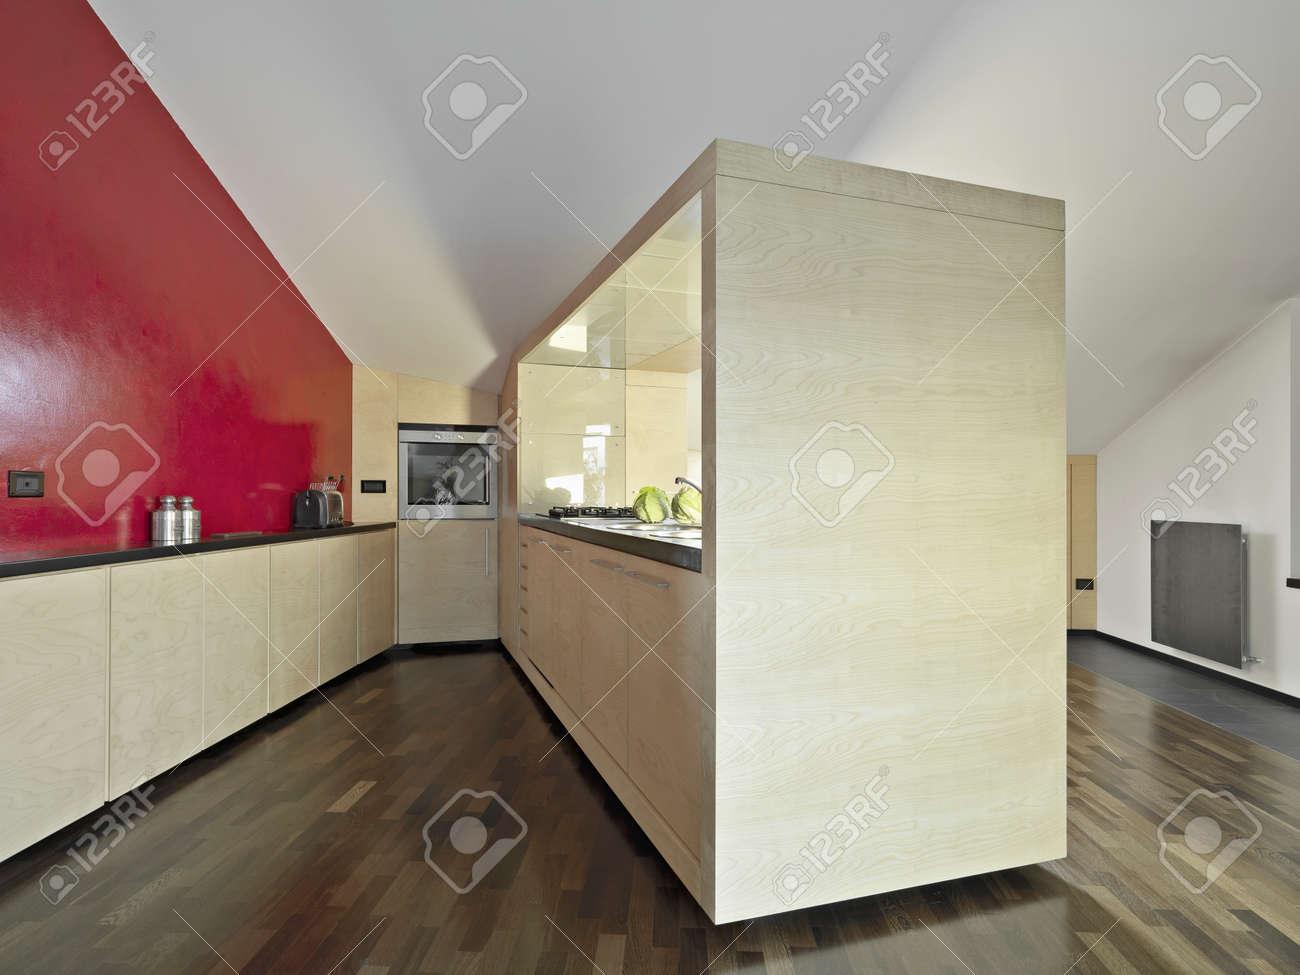 Colori Muro Cucina. Parquet Rovere Sbiancato With Colori Muro ...